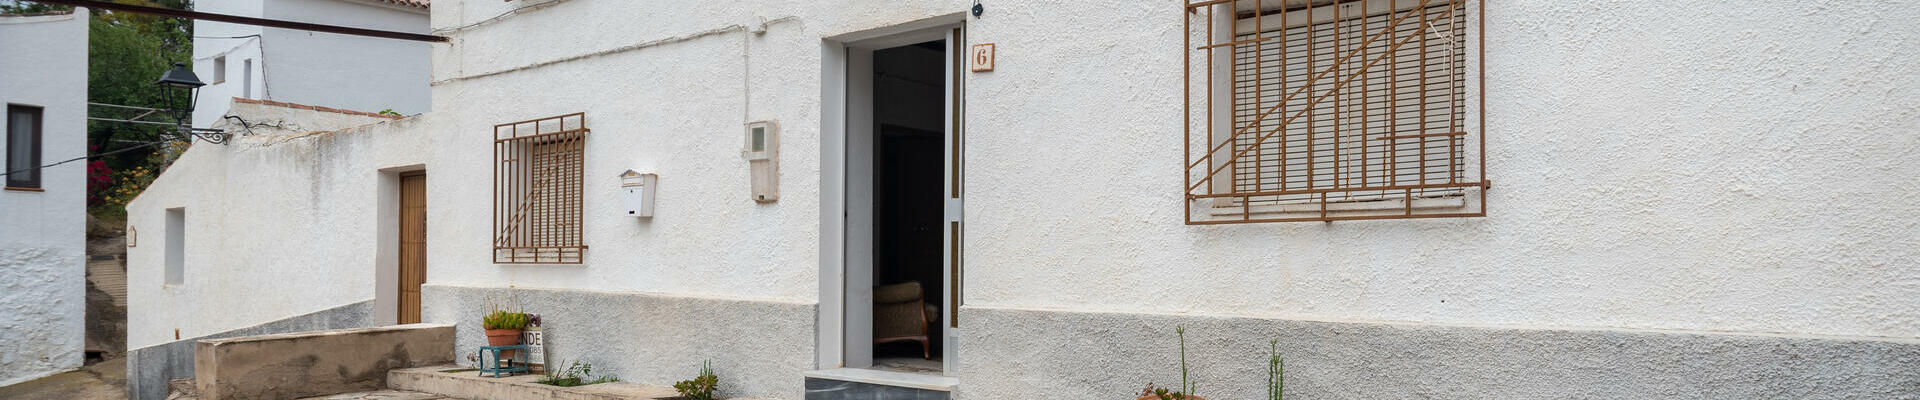 DV1517: 6 Bedroom Cortijo for Sale